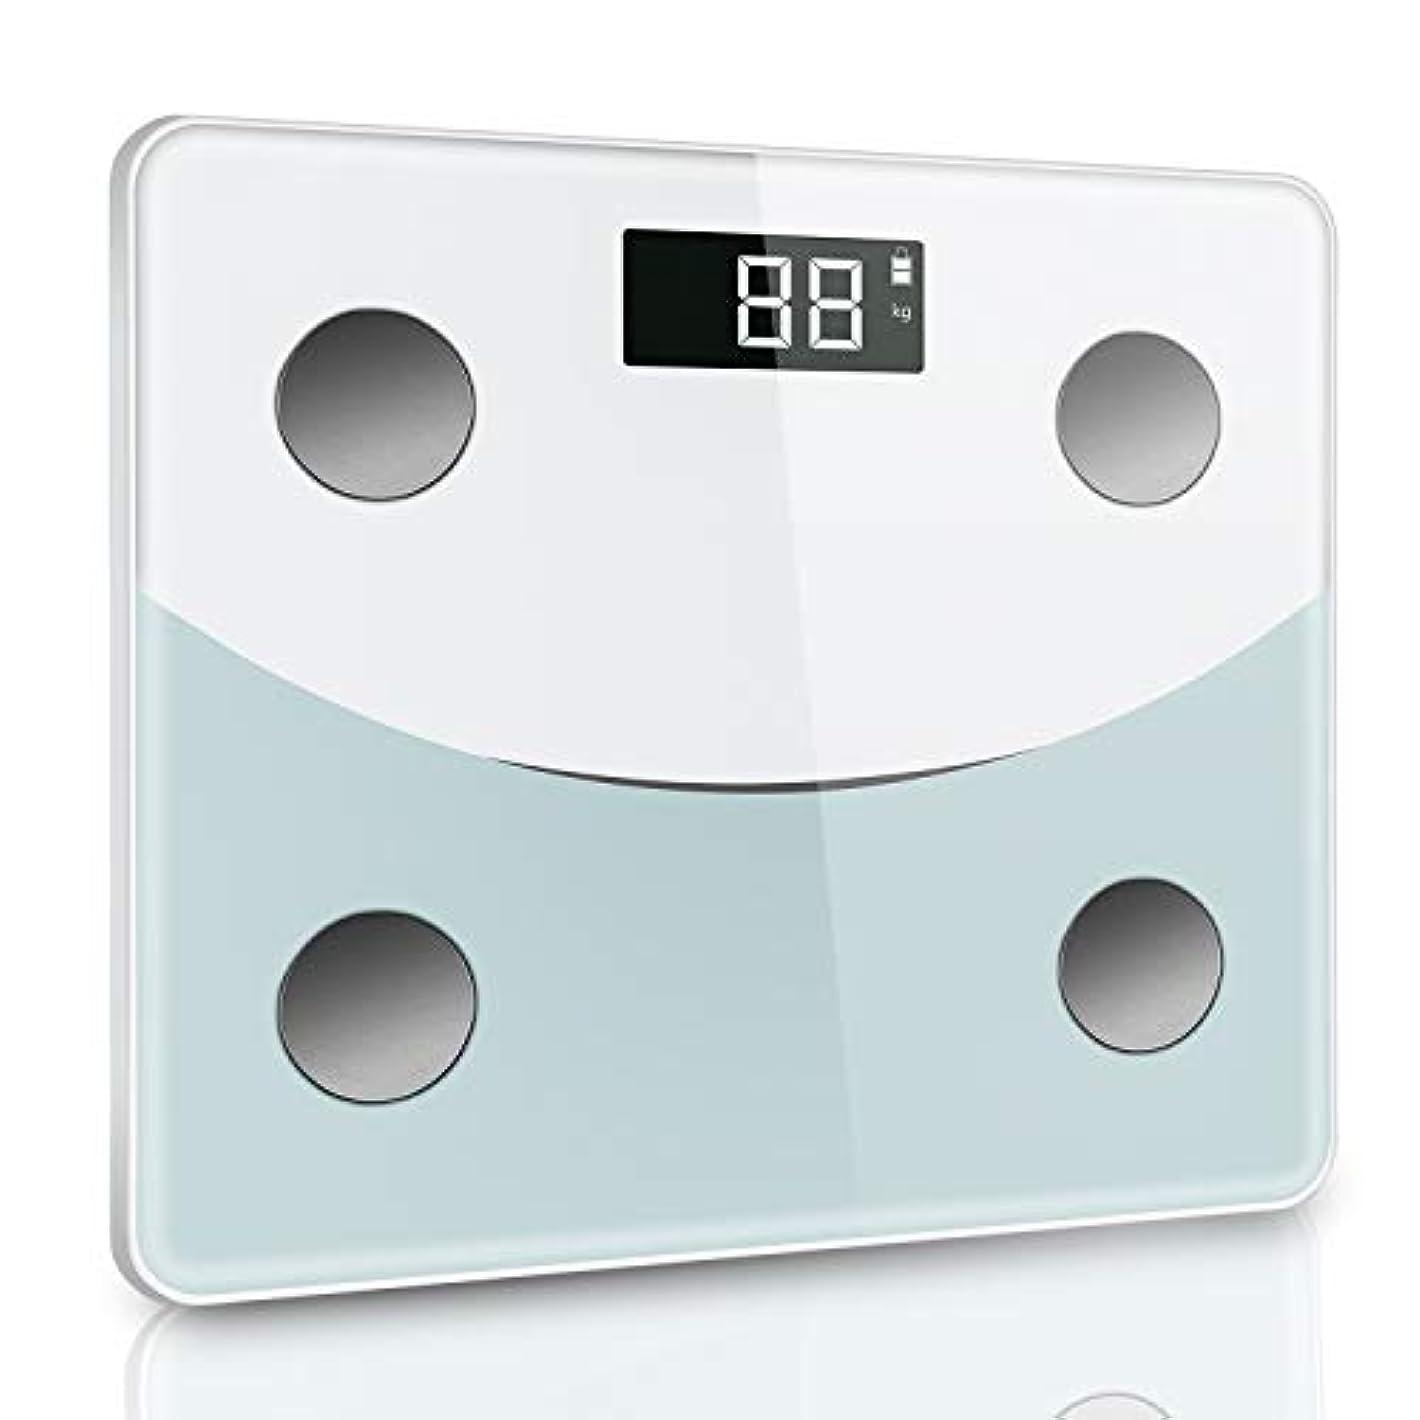 傭兵ガロン用心体重計 体組成計 体脂肪計 デジタル ダイエット Bluetooth対応 アプリで健康管理 BMI 体脂肪率 筋肉量 体水分量 ヘルスメーター 薄型 180 kgまで